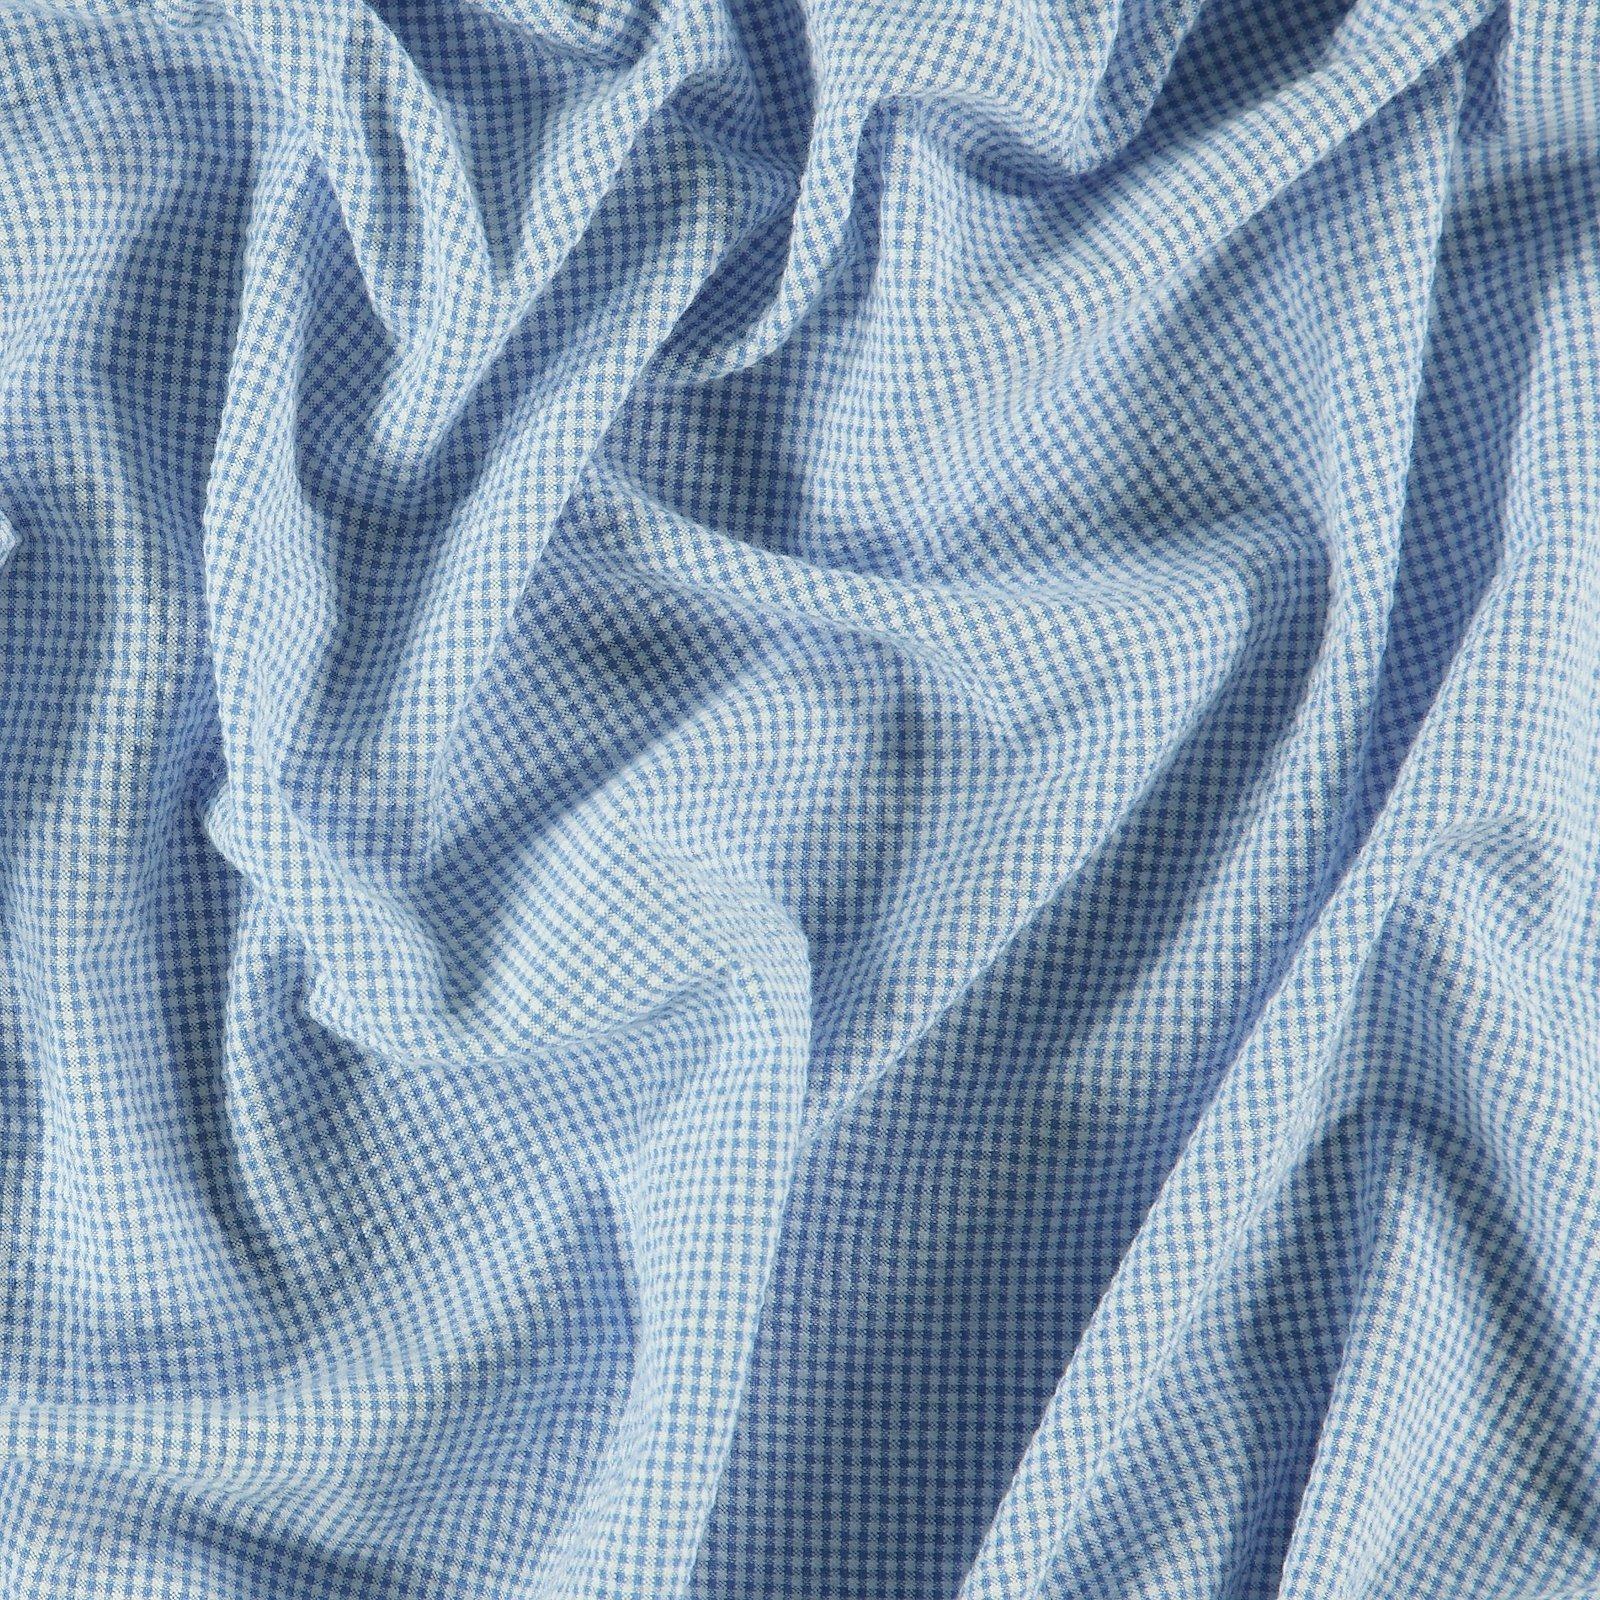 Seersucker bright blue/white YD check 510532_pack